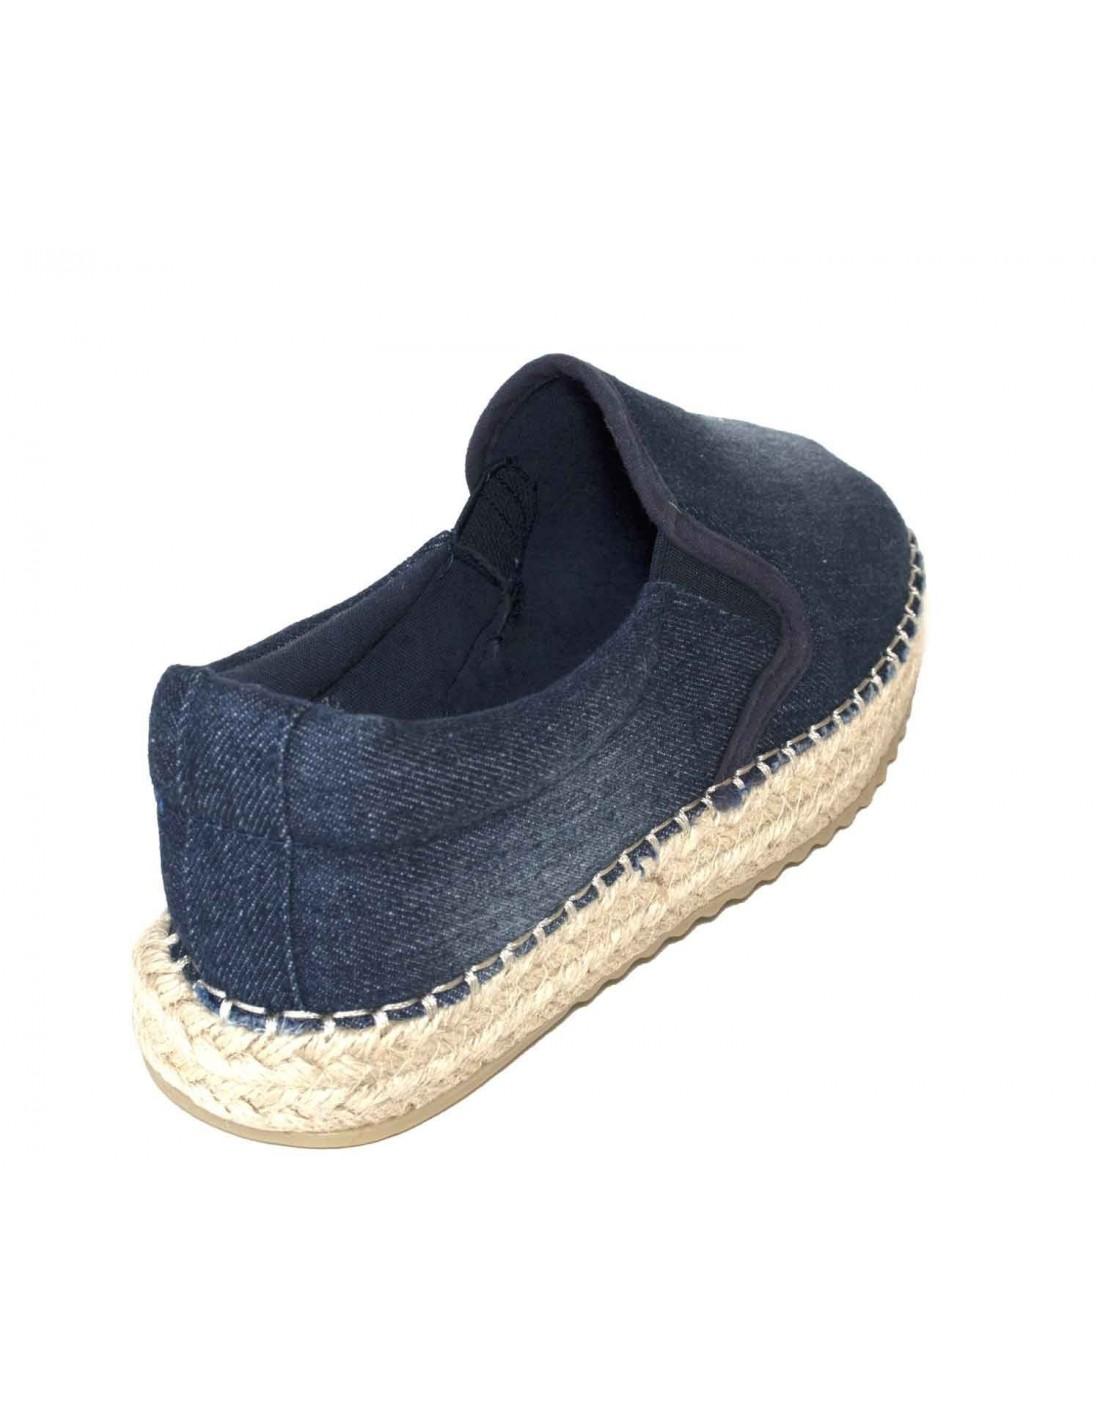 Espadrilles en jean pour femme avec plateformes contours corde t6FfG2WN